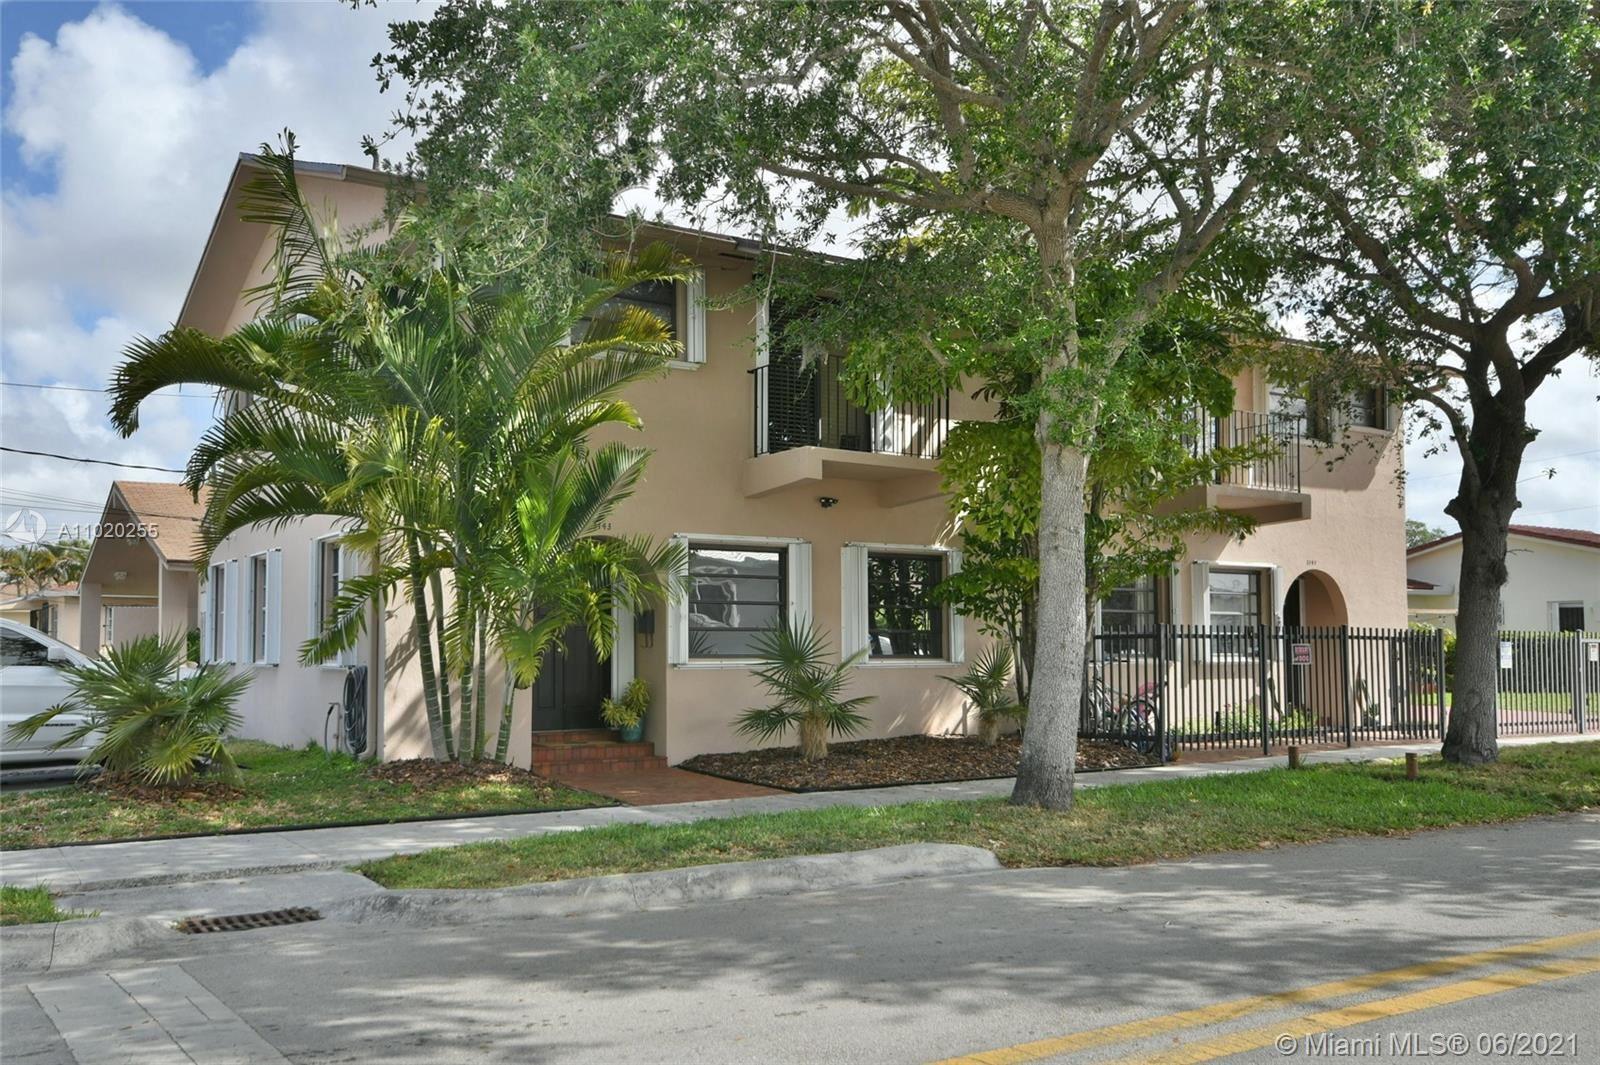 3141 SW 27th Ter #B, Miami, FL 33133 - #: A11020255